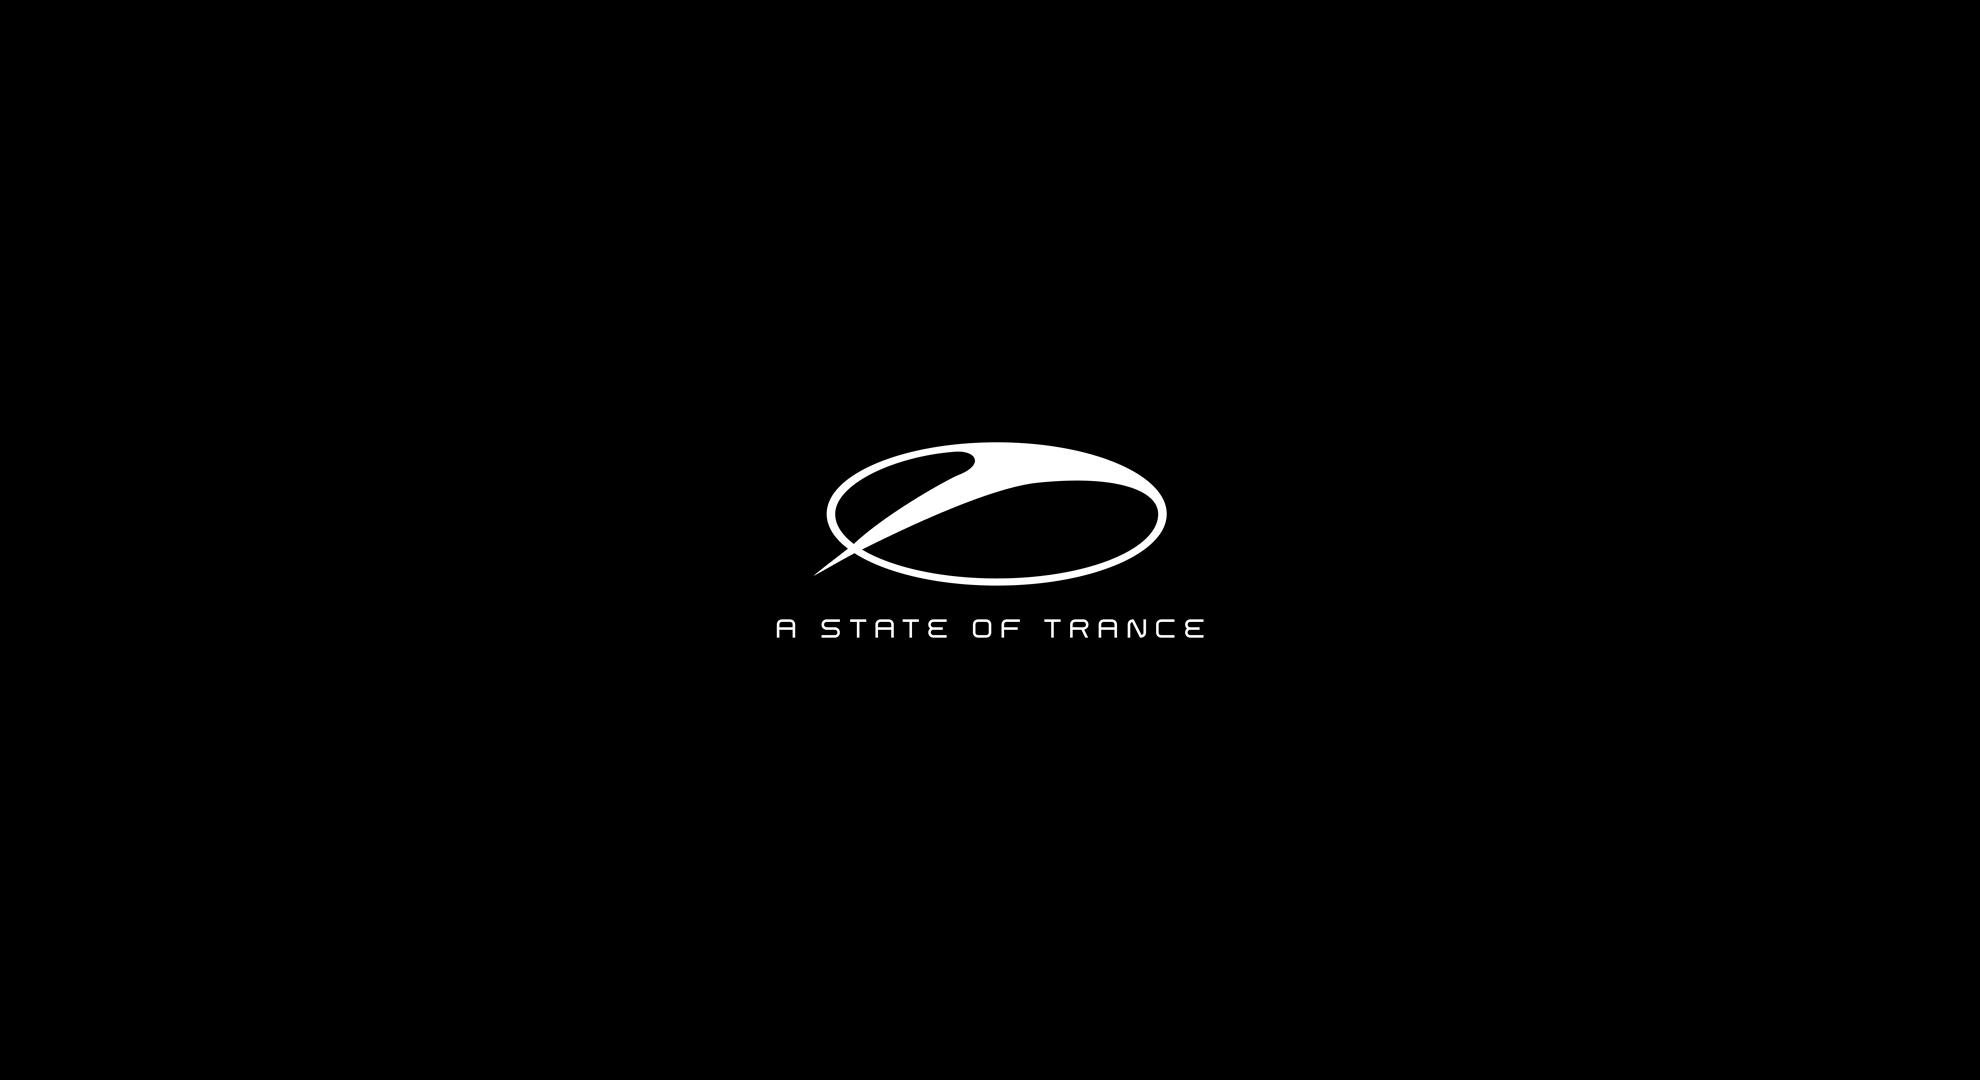 Wallpaper a state of trance armin van buuren logo 1980x1080